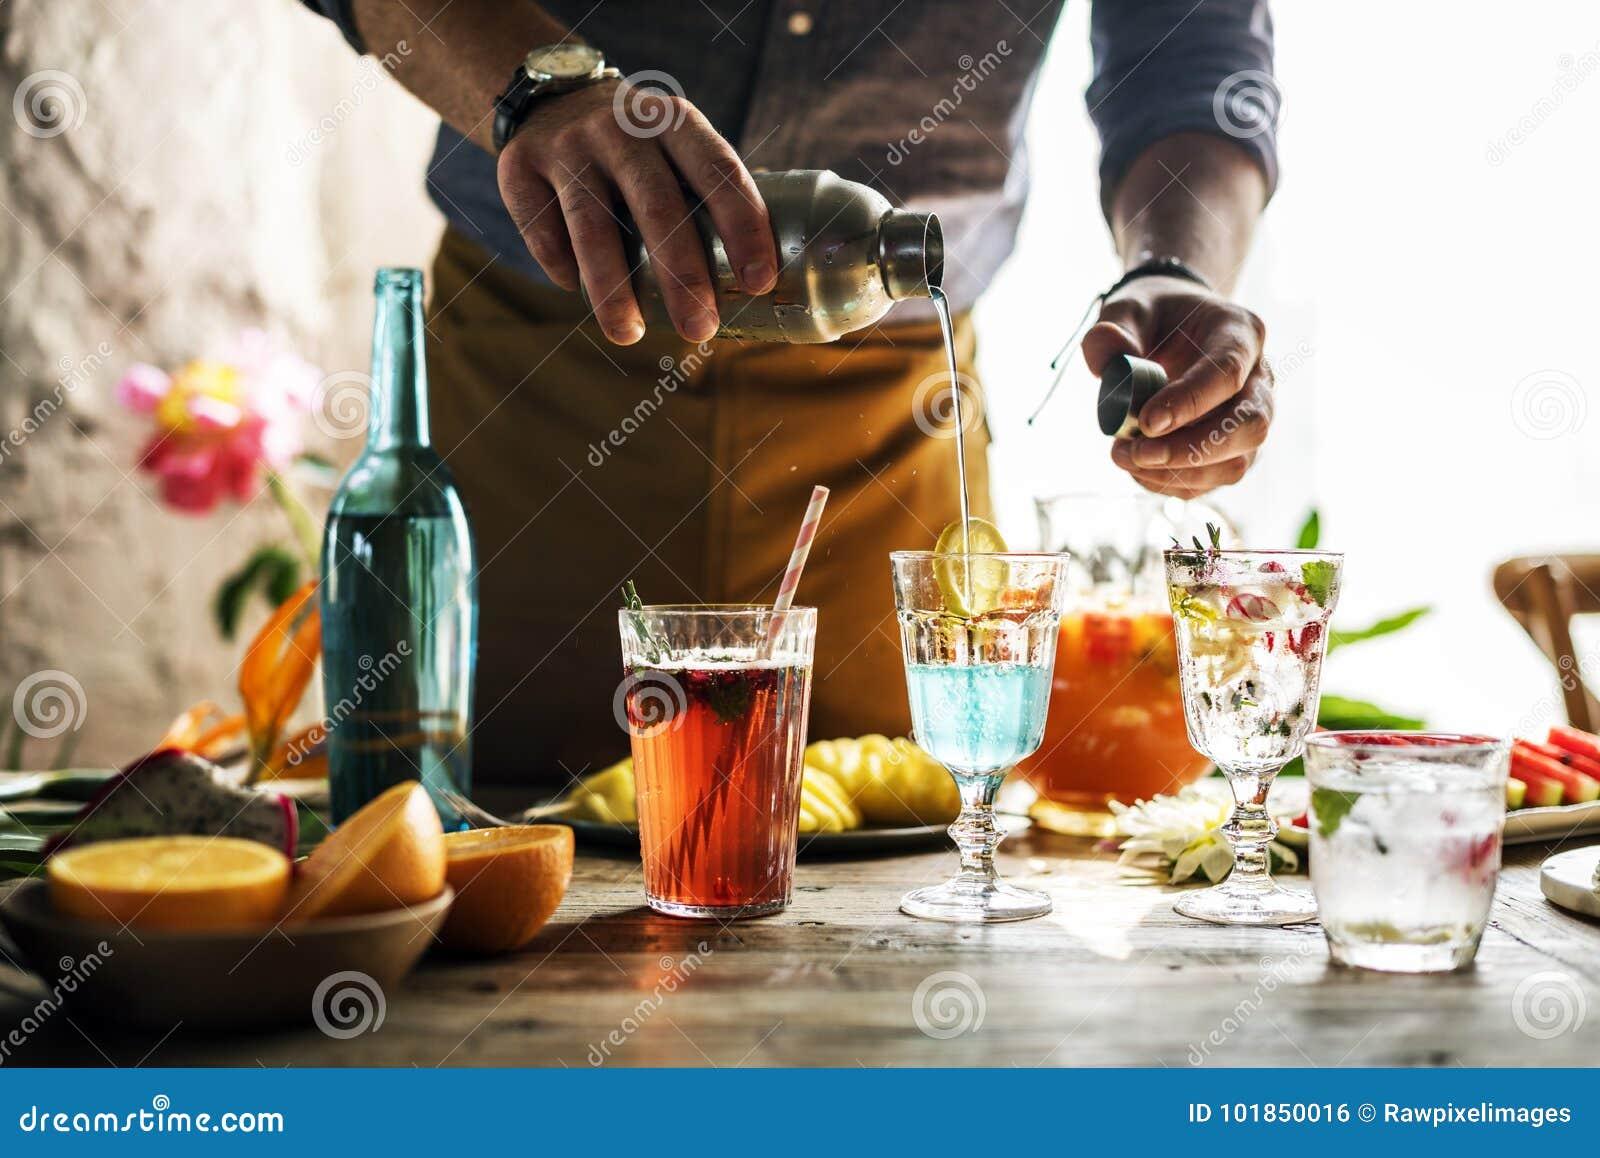 Barmixer, der bunte Cocktails mischt